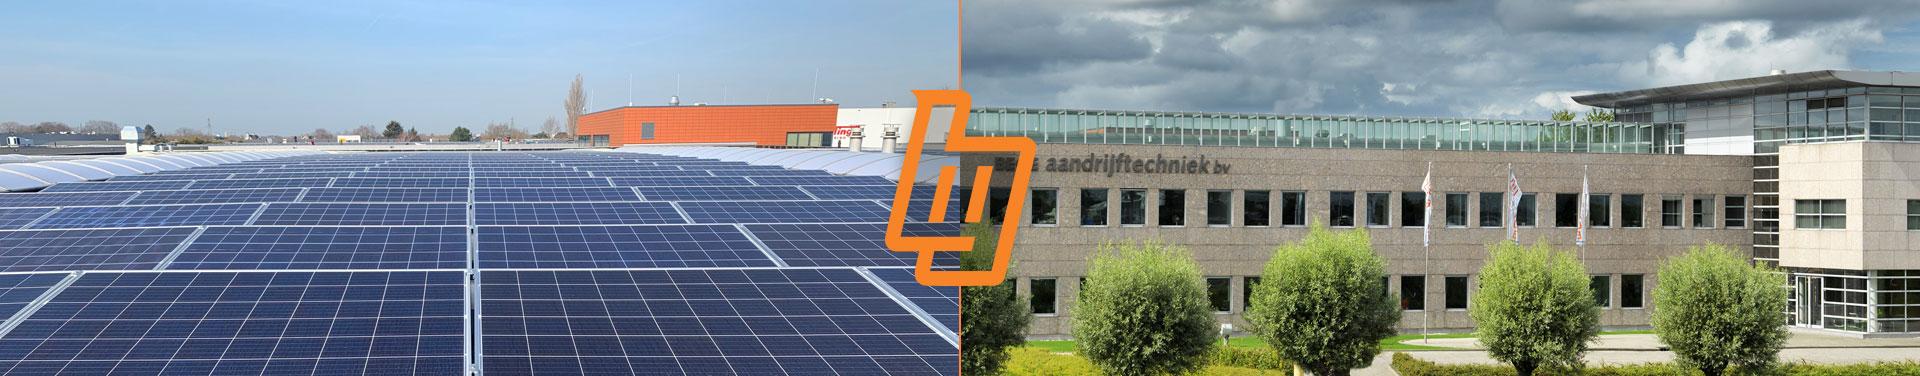 Accionamientos industriales: cómo contribuyen a mejorar la sostenibilidad